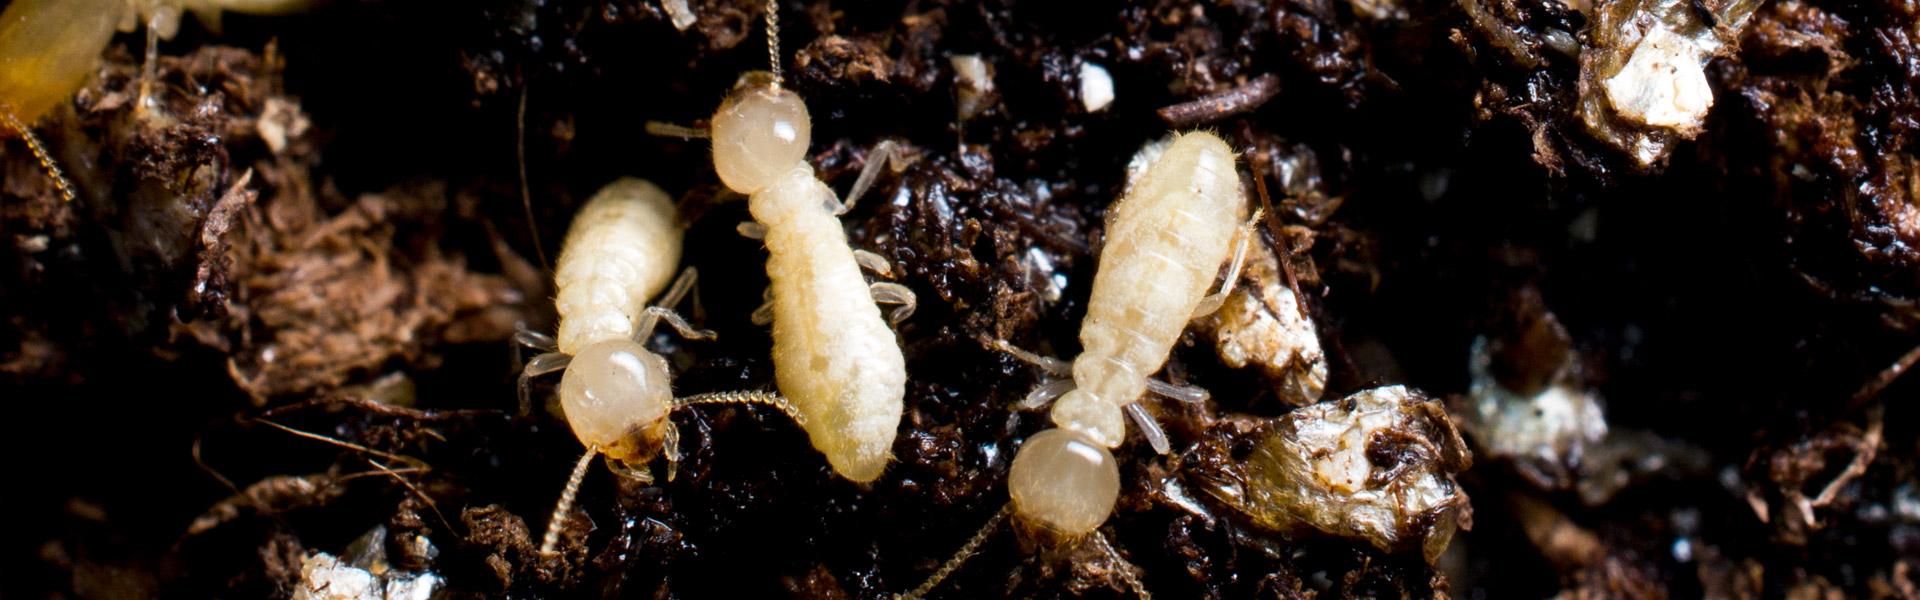 Termites-3